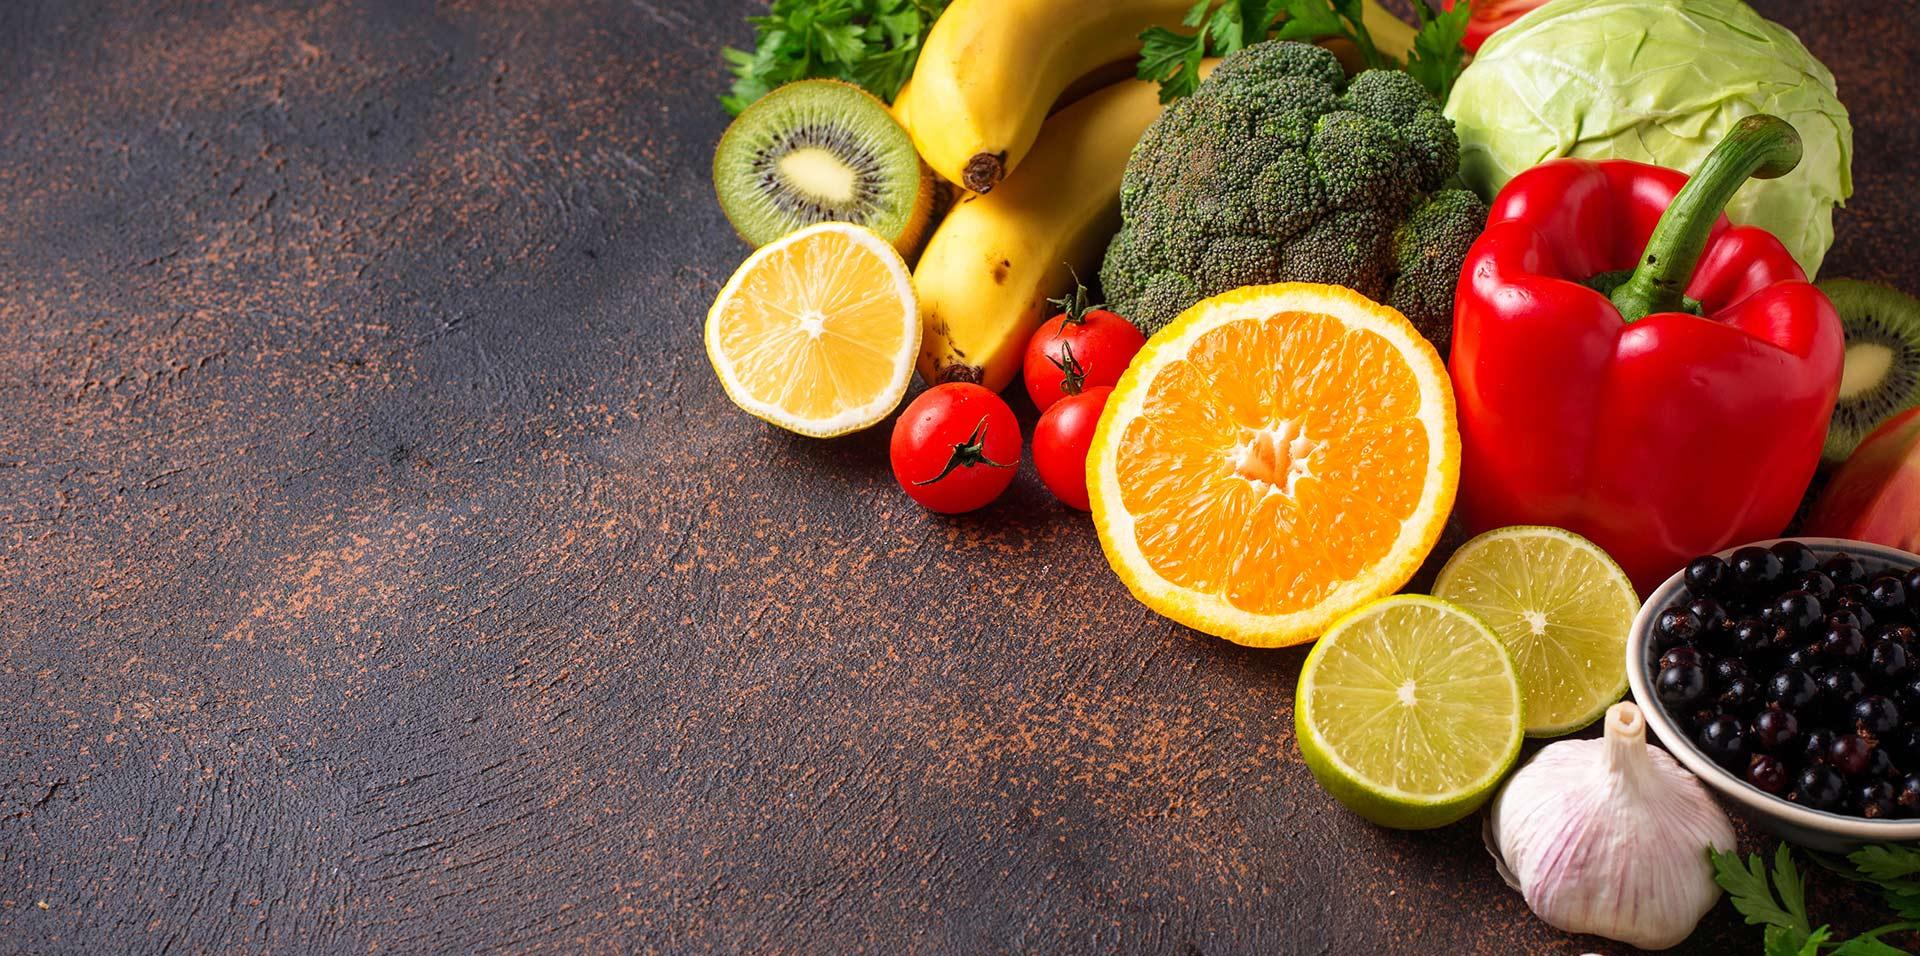 Vitmain C Foods